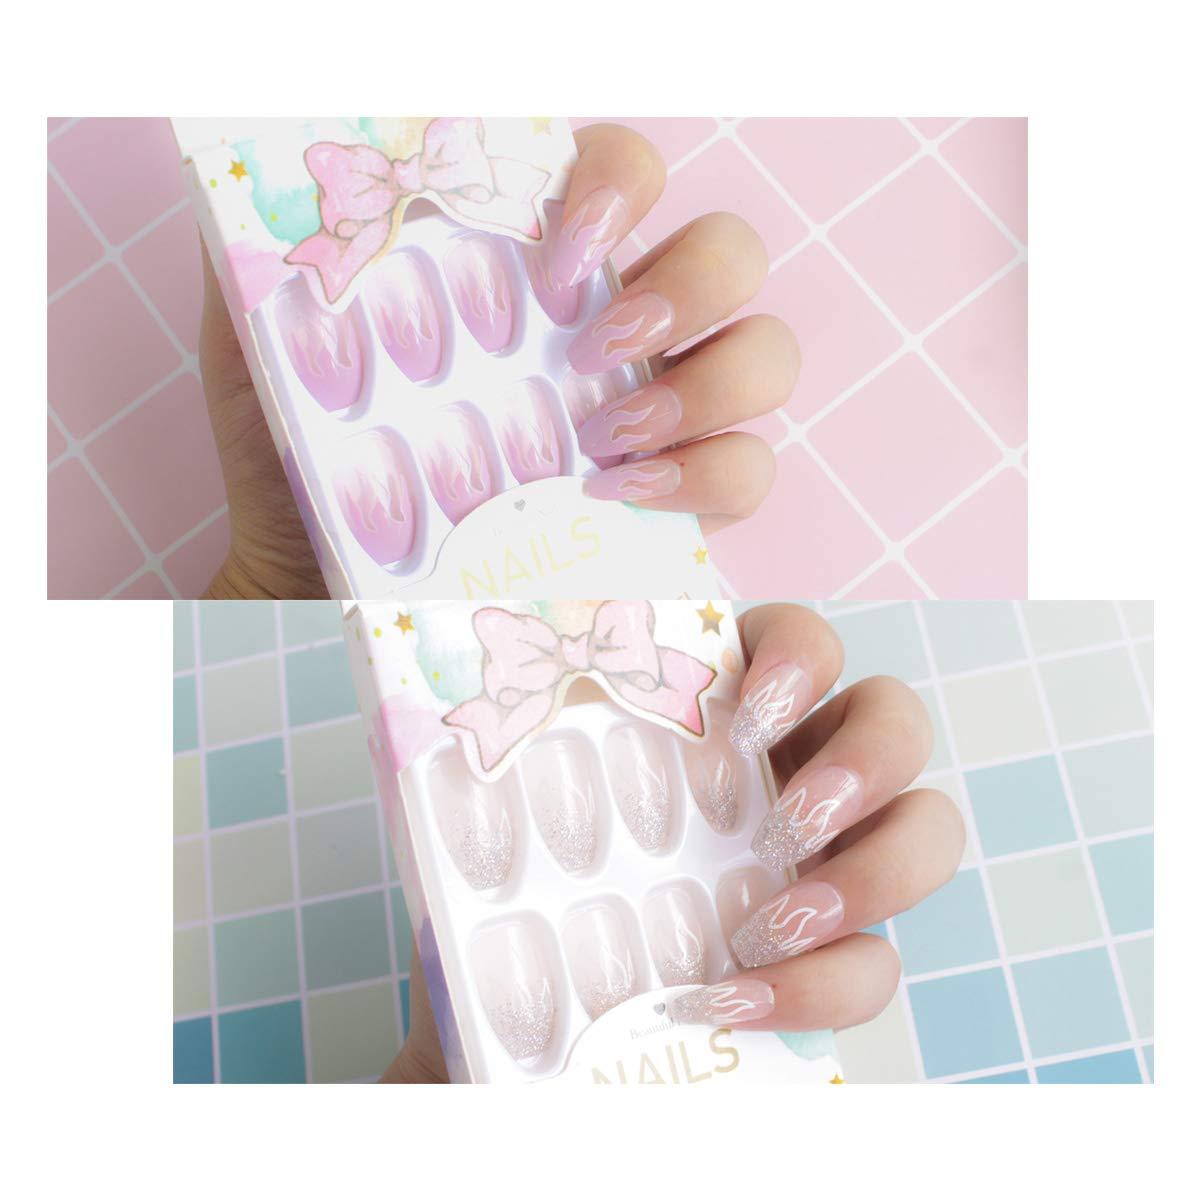 24 Pcs x 2 Colors Flame Transparent Press on Nails - Matte nails, Nail Art Kits Sets, Medium Length False Nails, Acrylic Fake Nails(Pink, Silver)